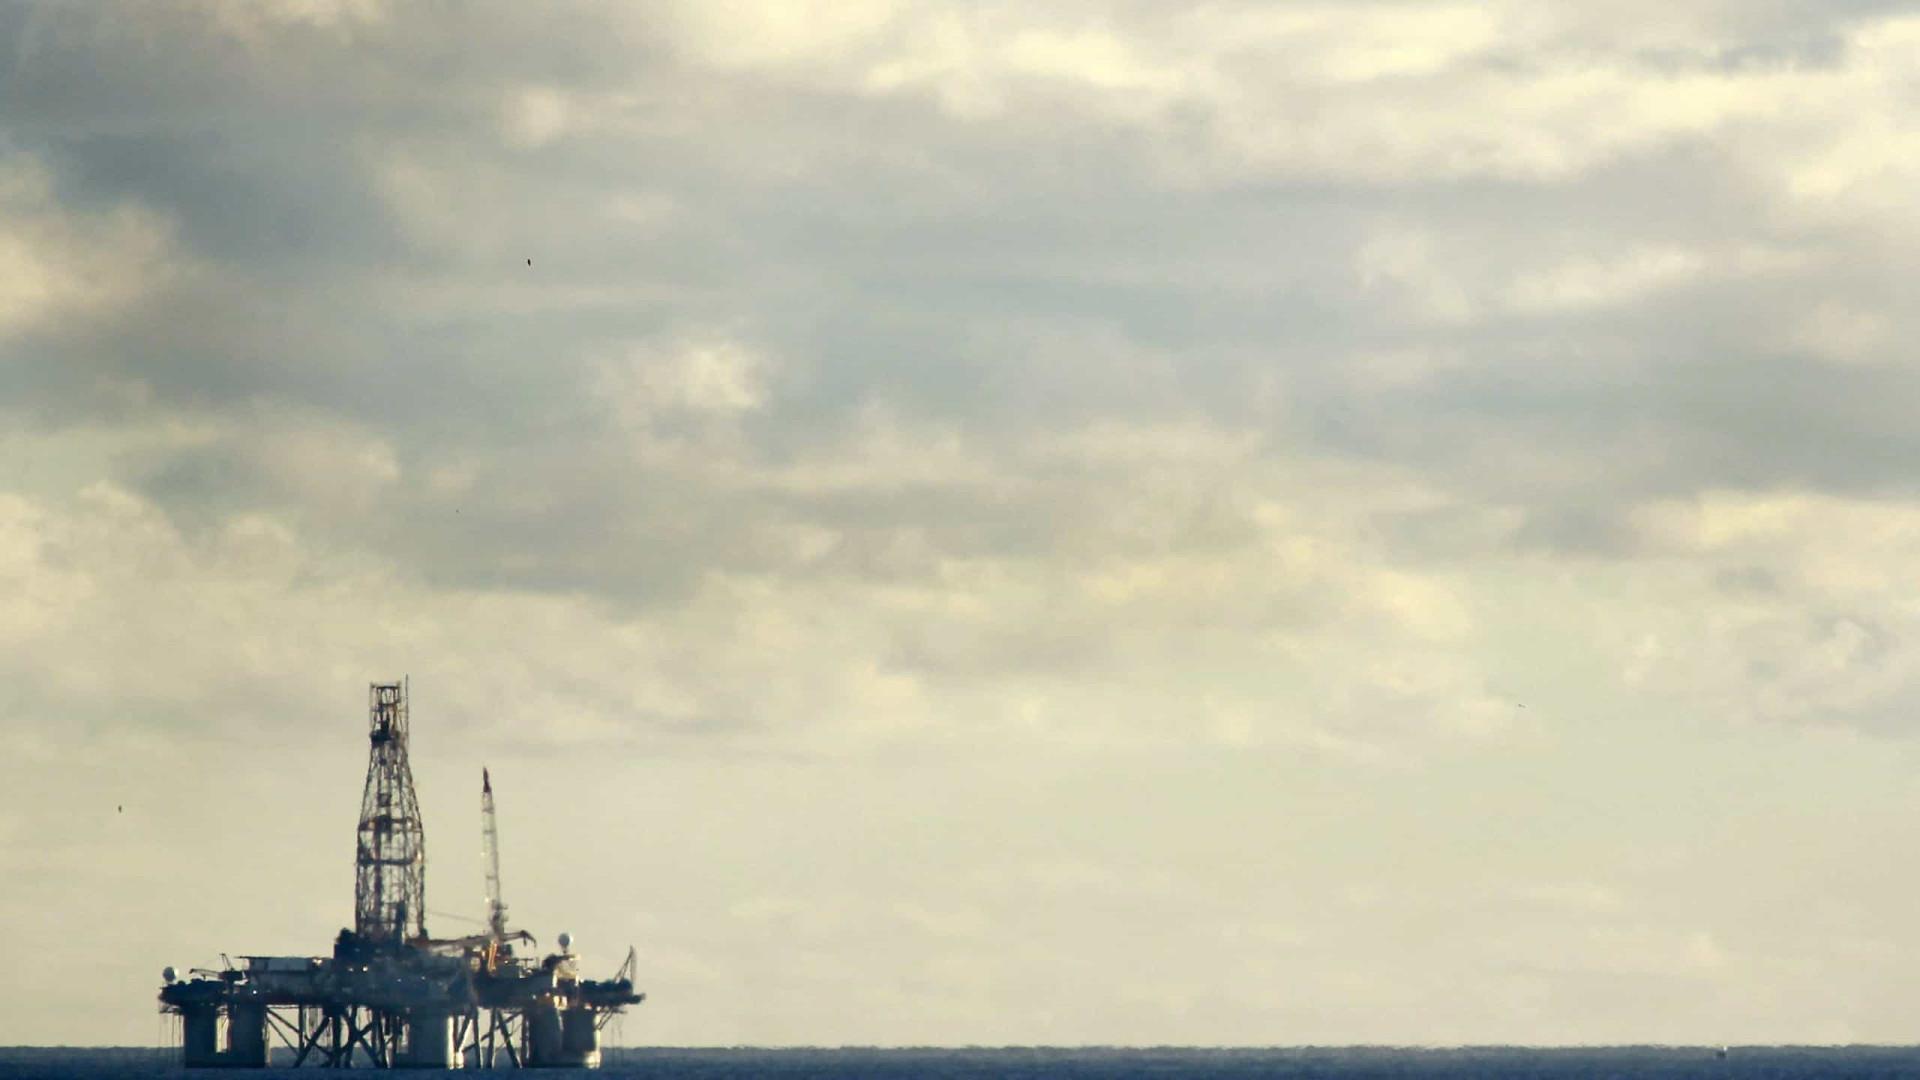 Luanda acolhe conferência sobre conteúdo local no petróleo em novembro